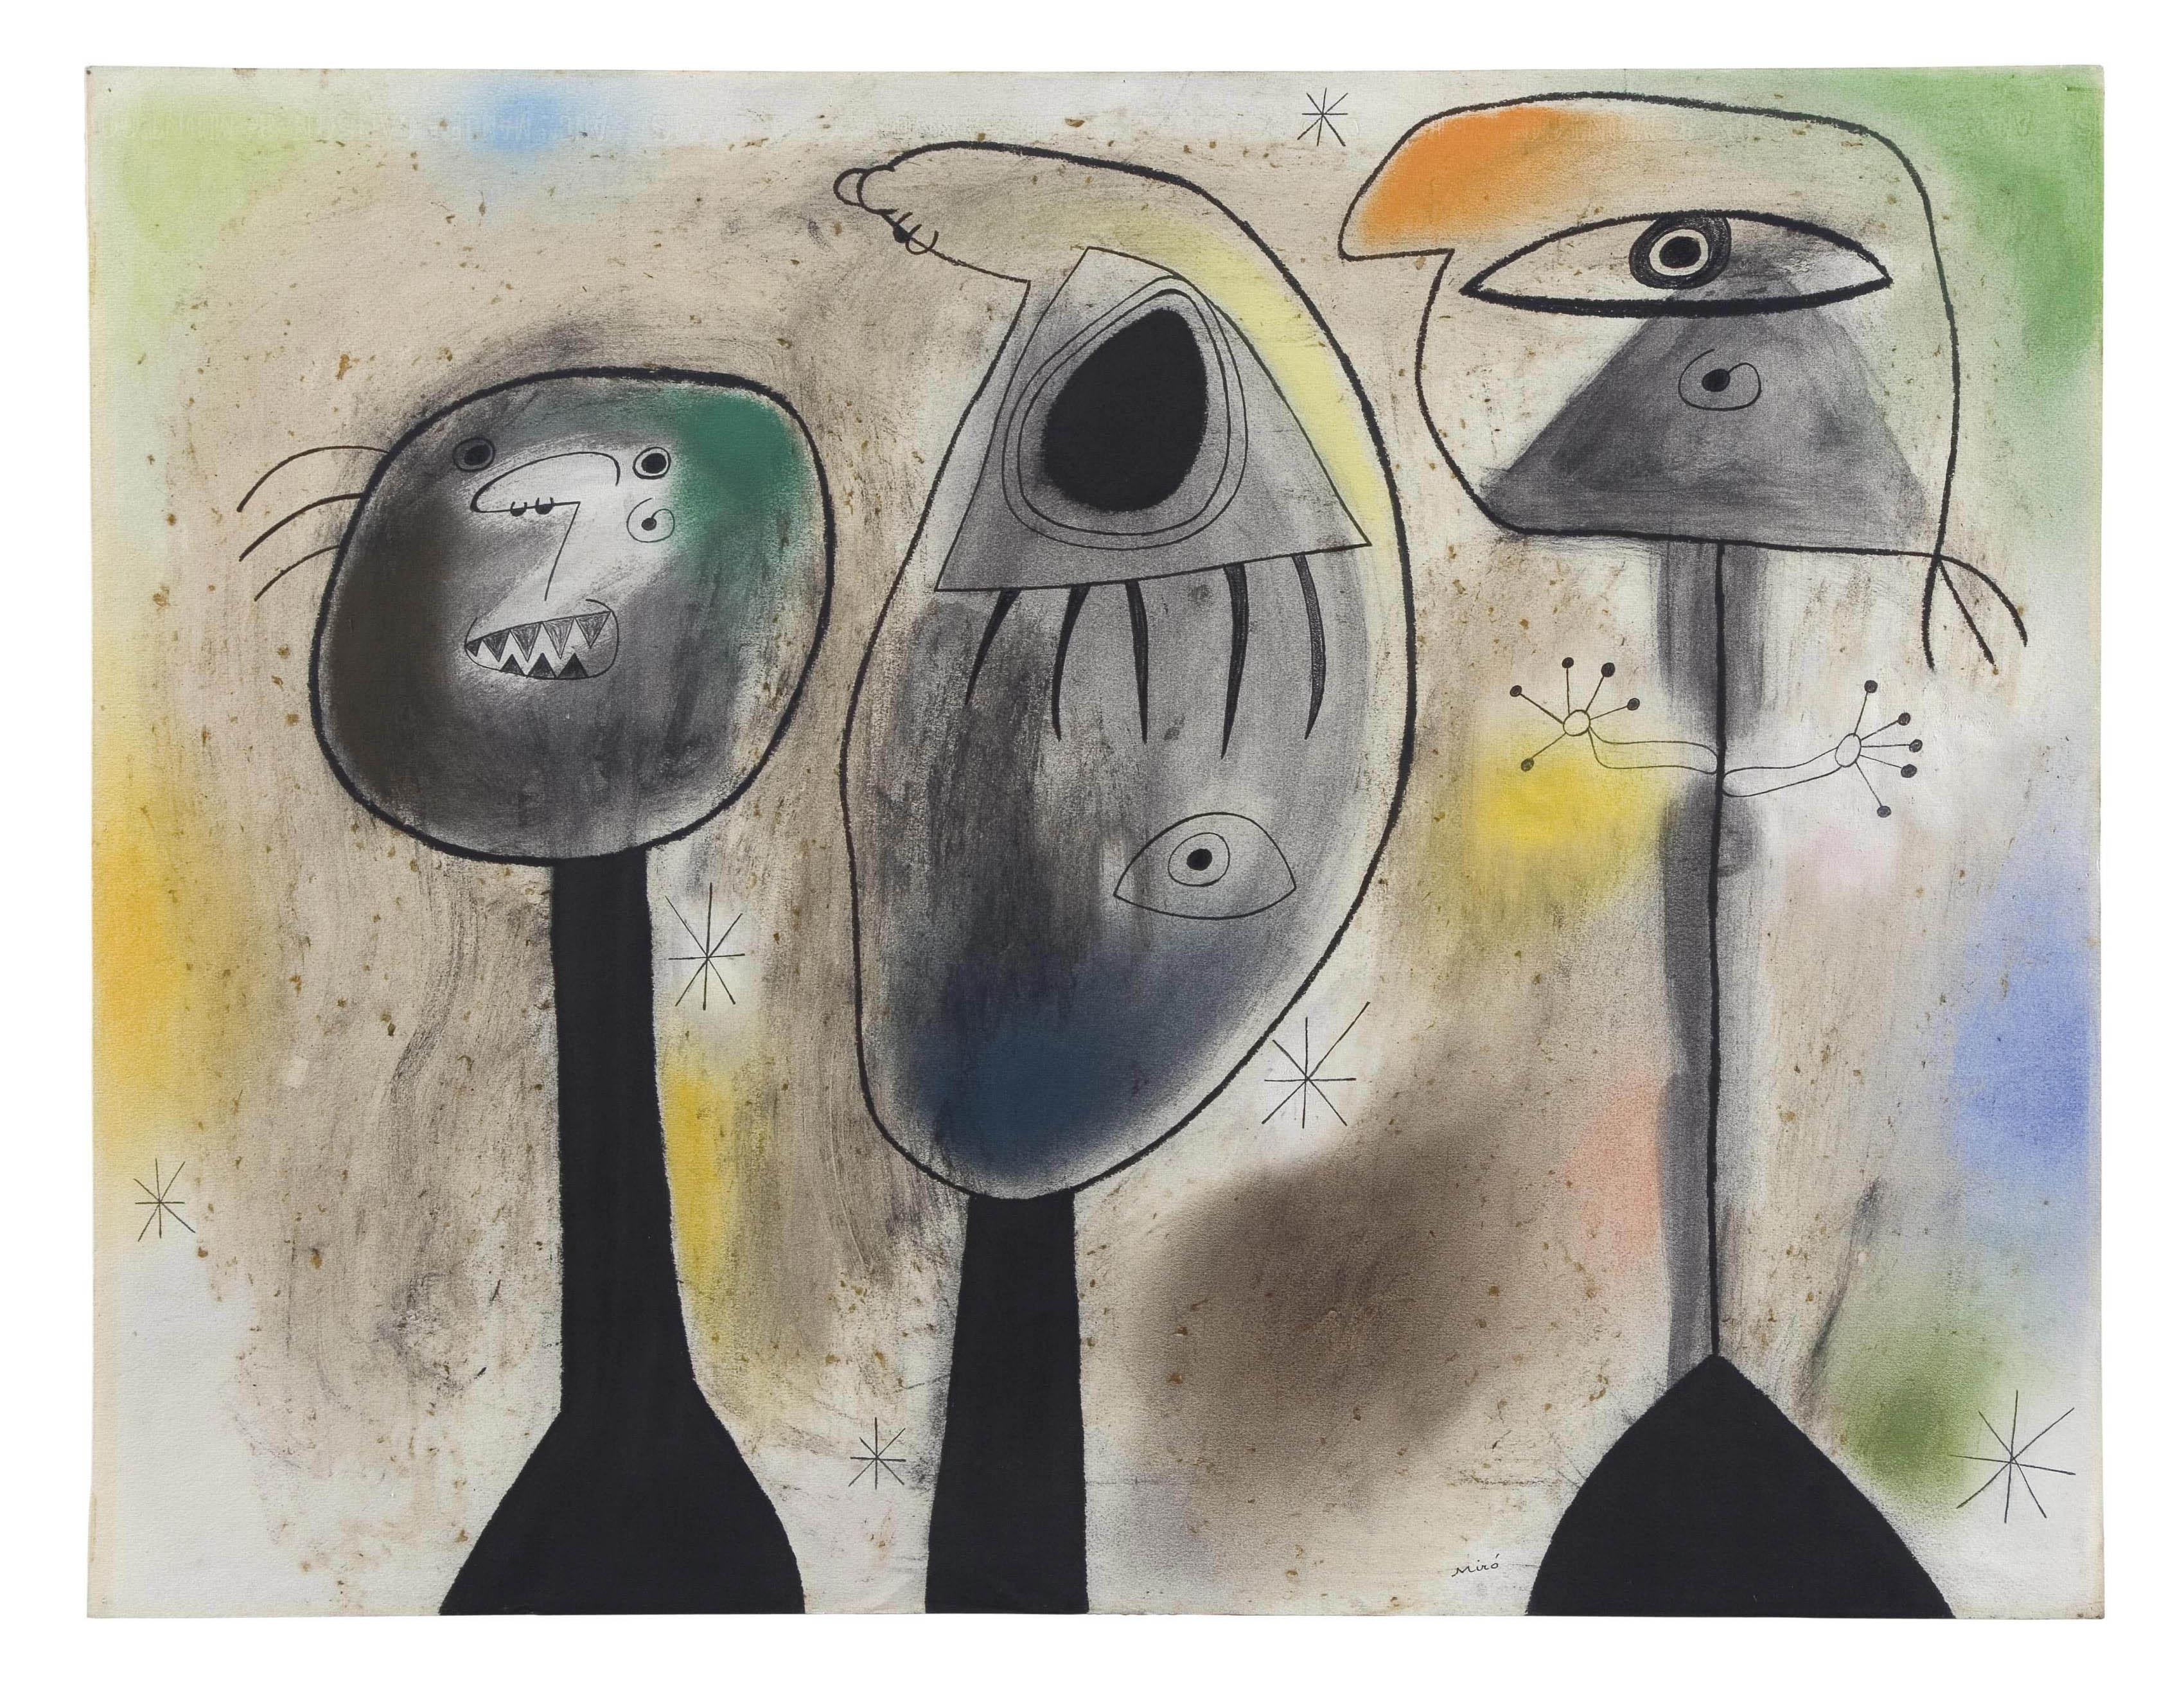 Audio: Joan Miro, Personnages dans la nuit